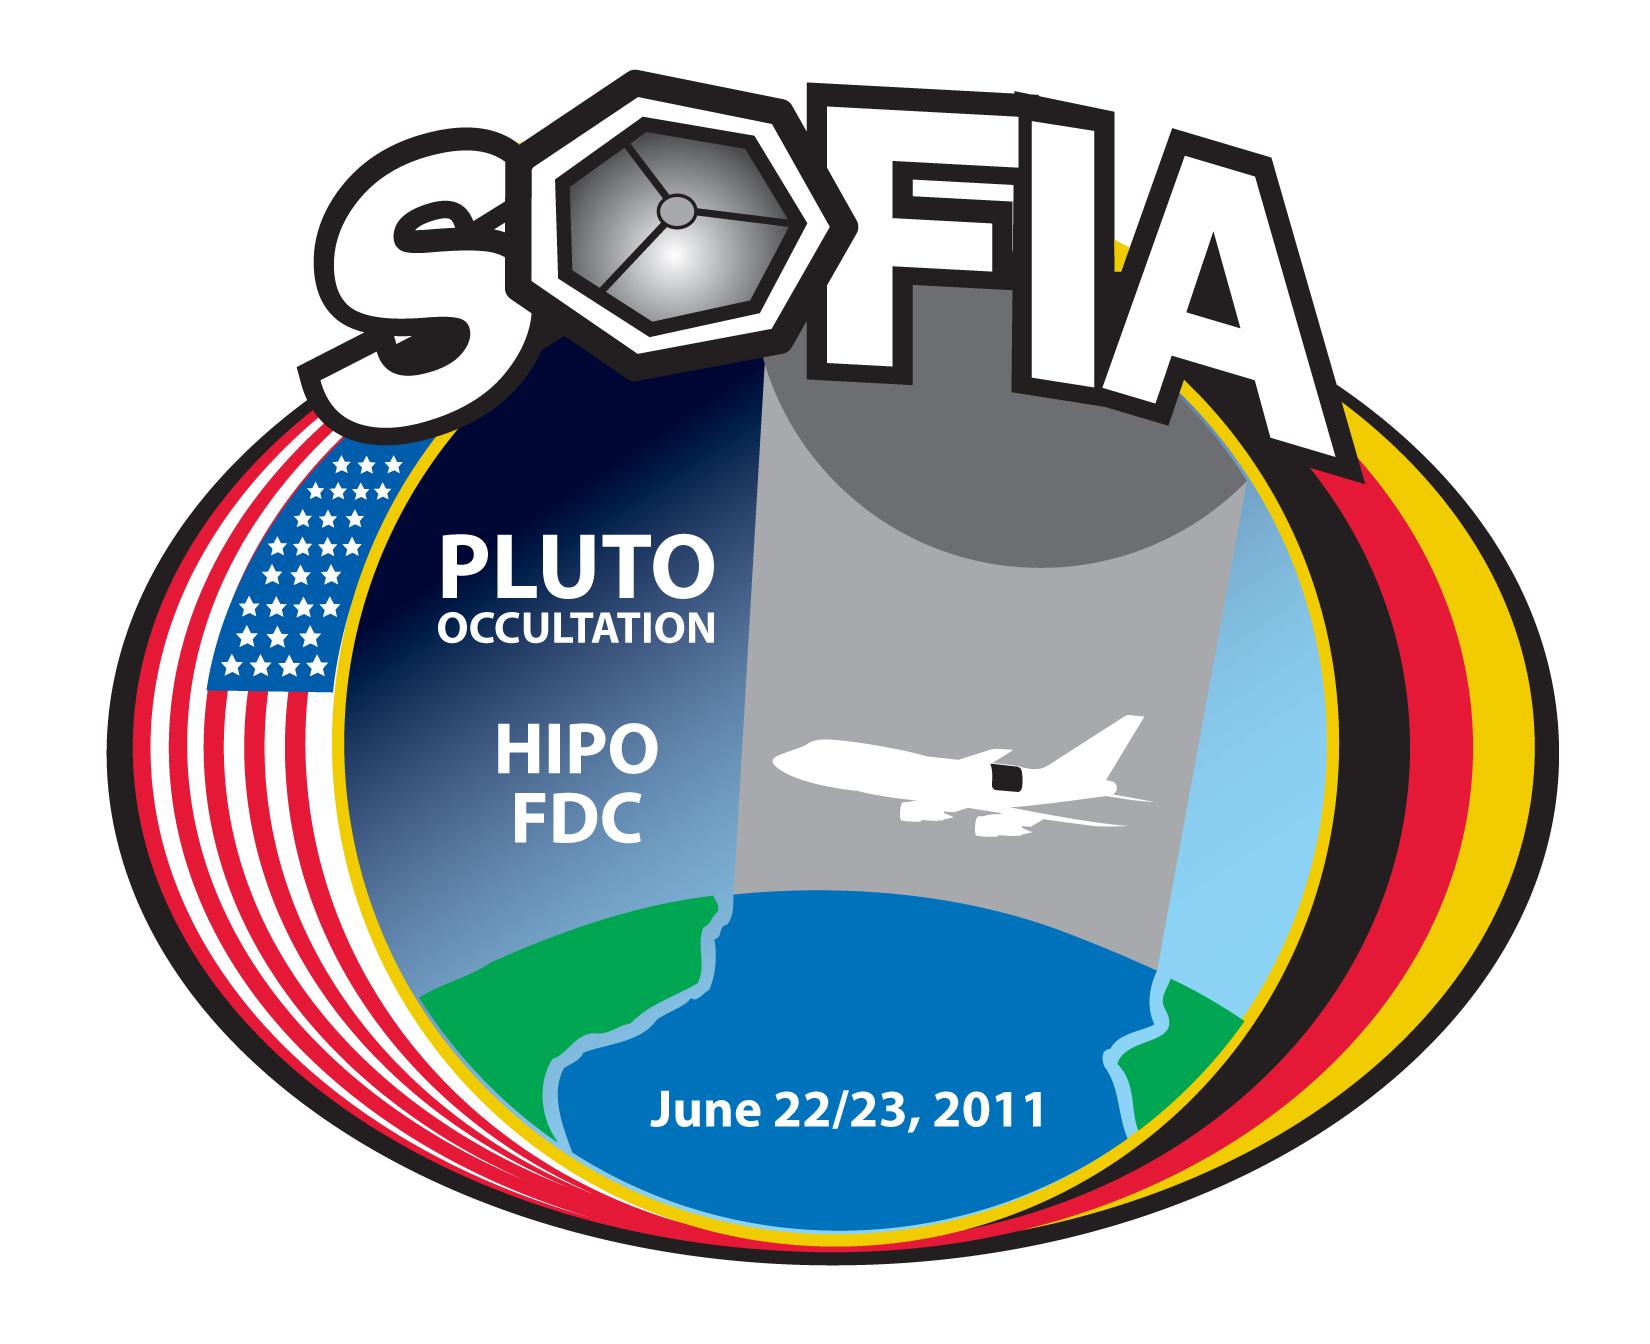 SOFIA Pluto Occultation patch